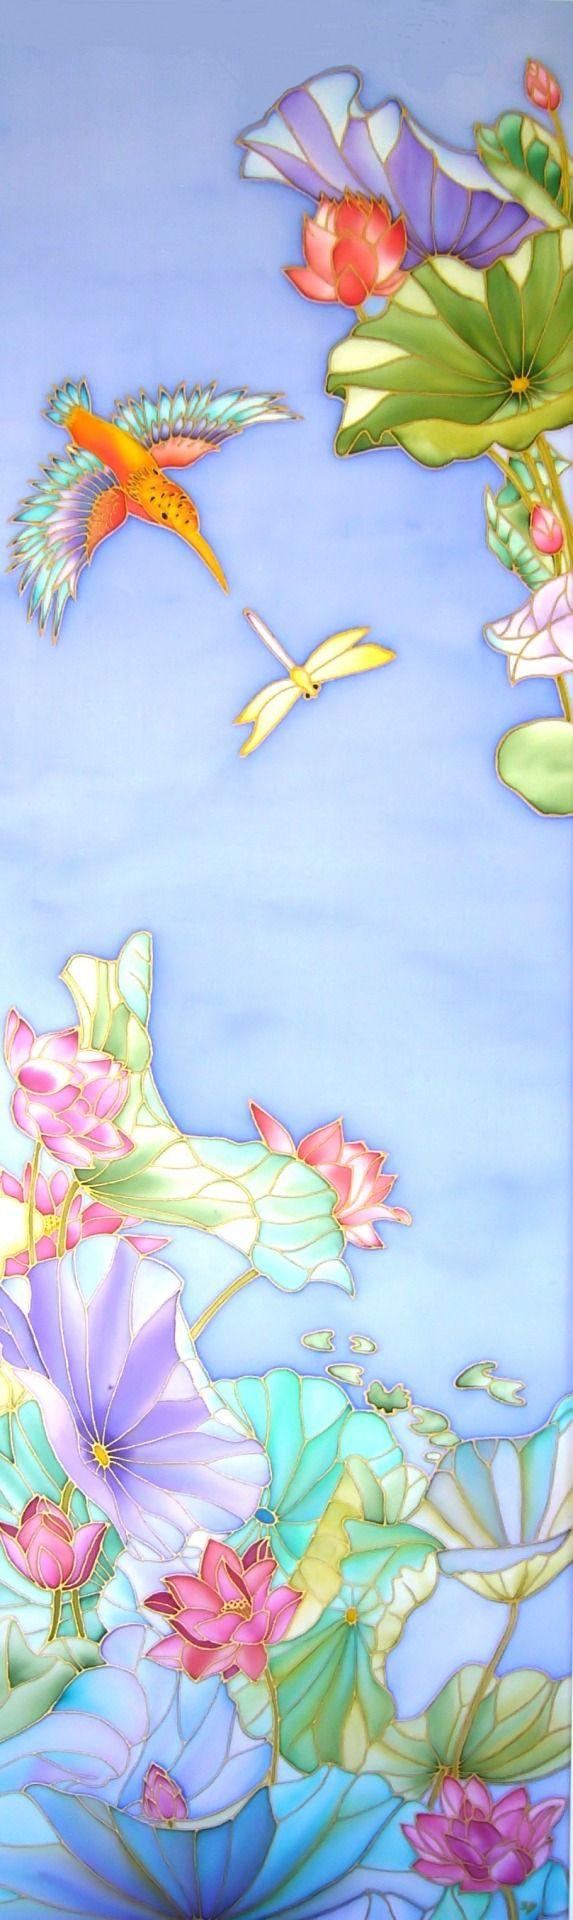 les 20 meilleures id es de la cat gorie peinture sur soie sur pinterest peinture sur soie. Black Bedroom Furniture Sets. Home Design Ideas